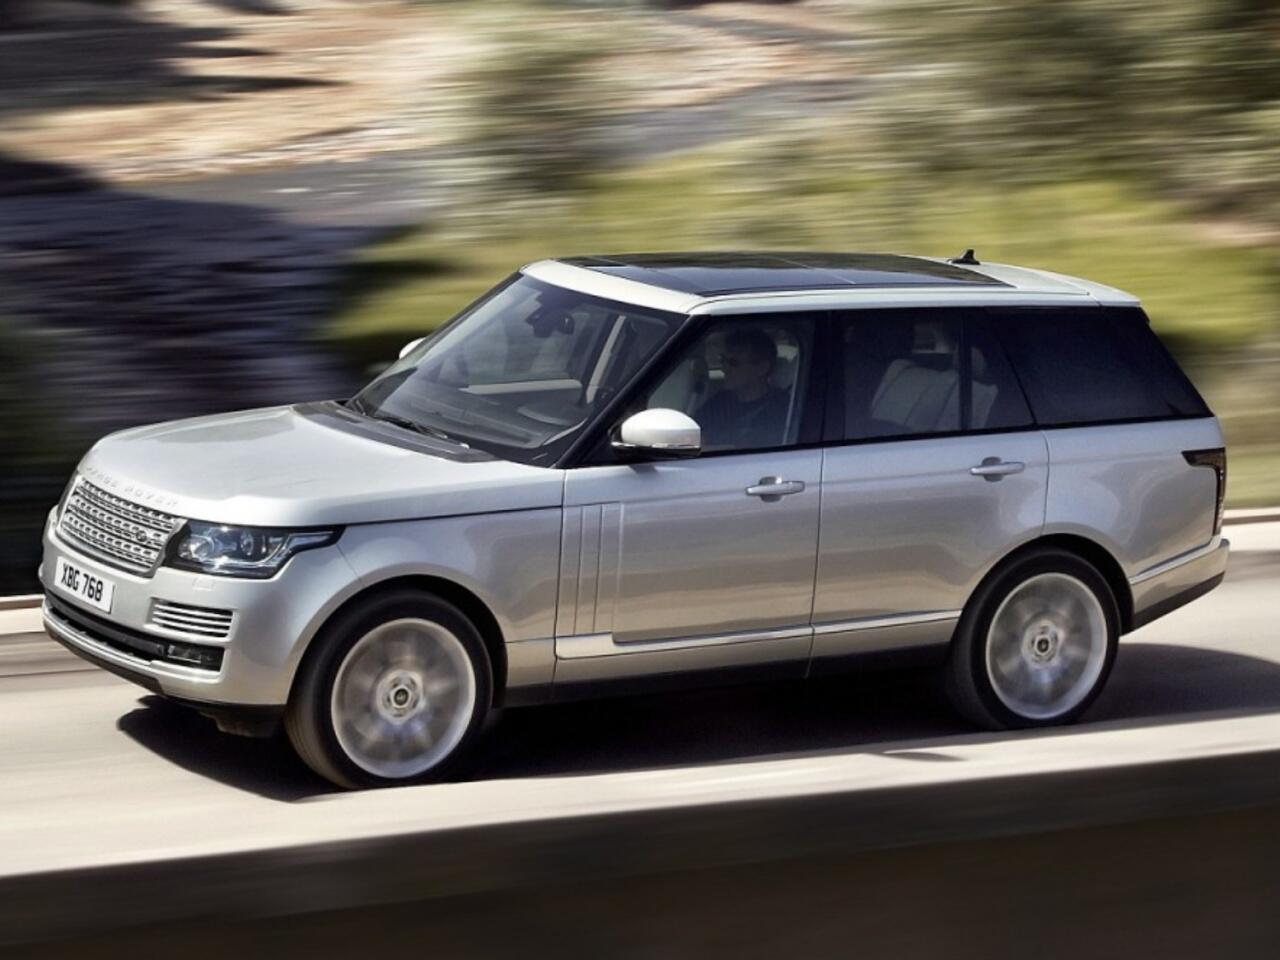 Bild zu Platz 4 - Modell: Land Rover Range Rover 3.0 TD